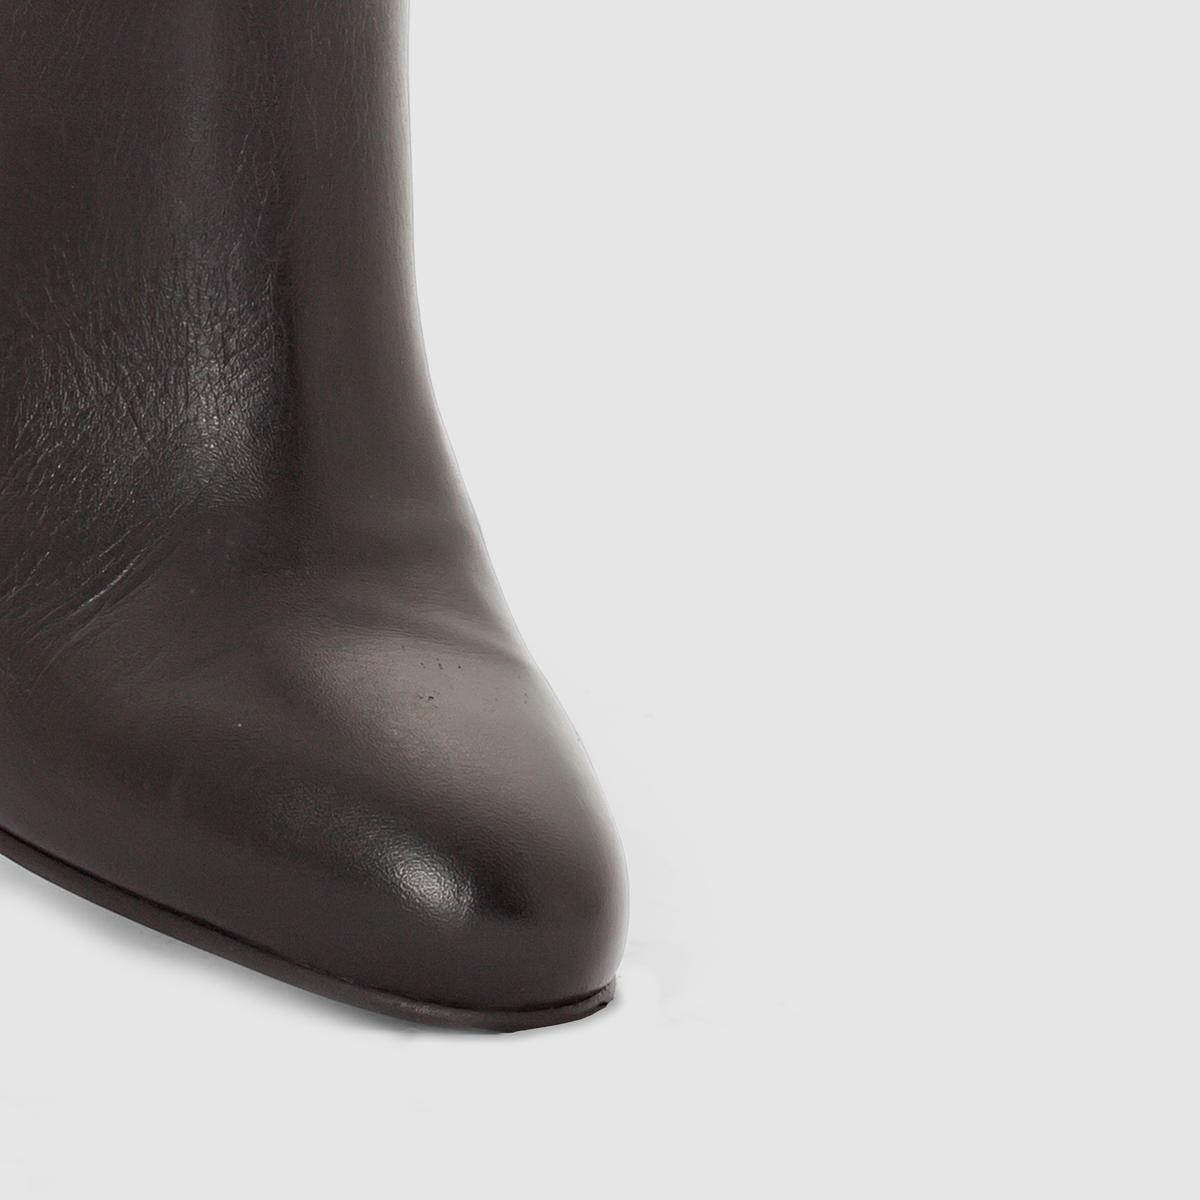 Ботильоны на каблукеМарка : CASTALUNAПодходит : для широкой стопы.Верх : яловичная кожа.Стелька : кожа.Подошва : из эластомера.Каблук : 10 см.Застежка : длинная внутренняя молния.Преимущества : Шикарный и изящный стиль, очень высокий каблук.<br><br>Цвет: черный<br>Размер: 39